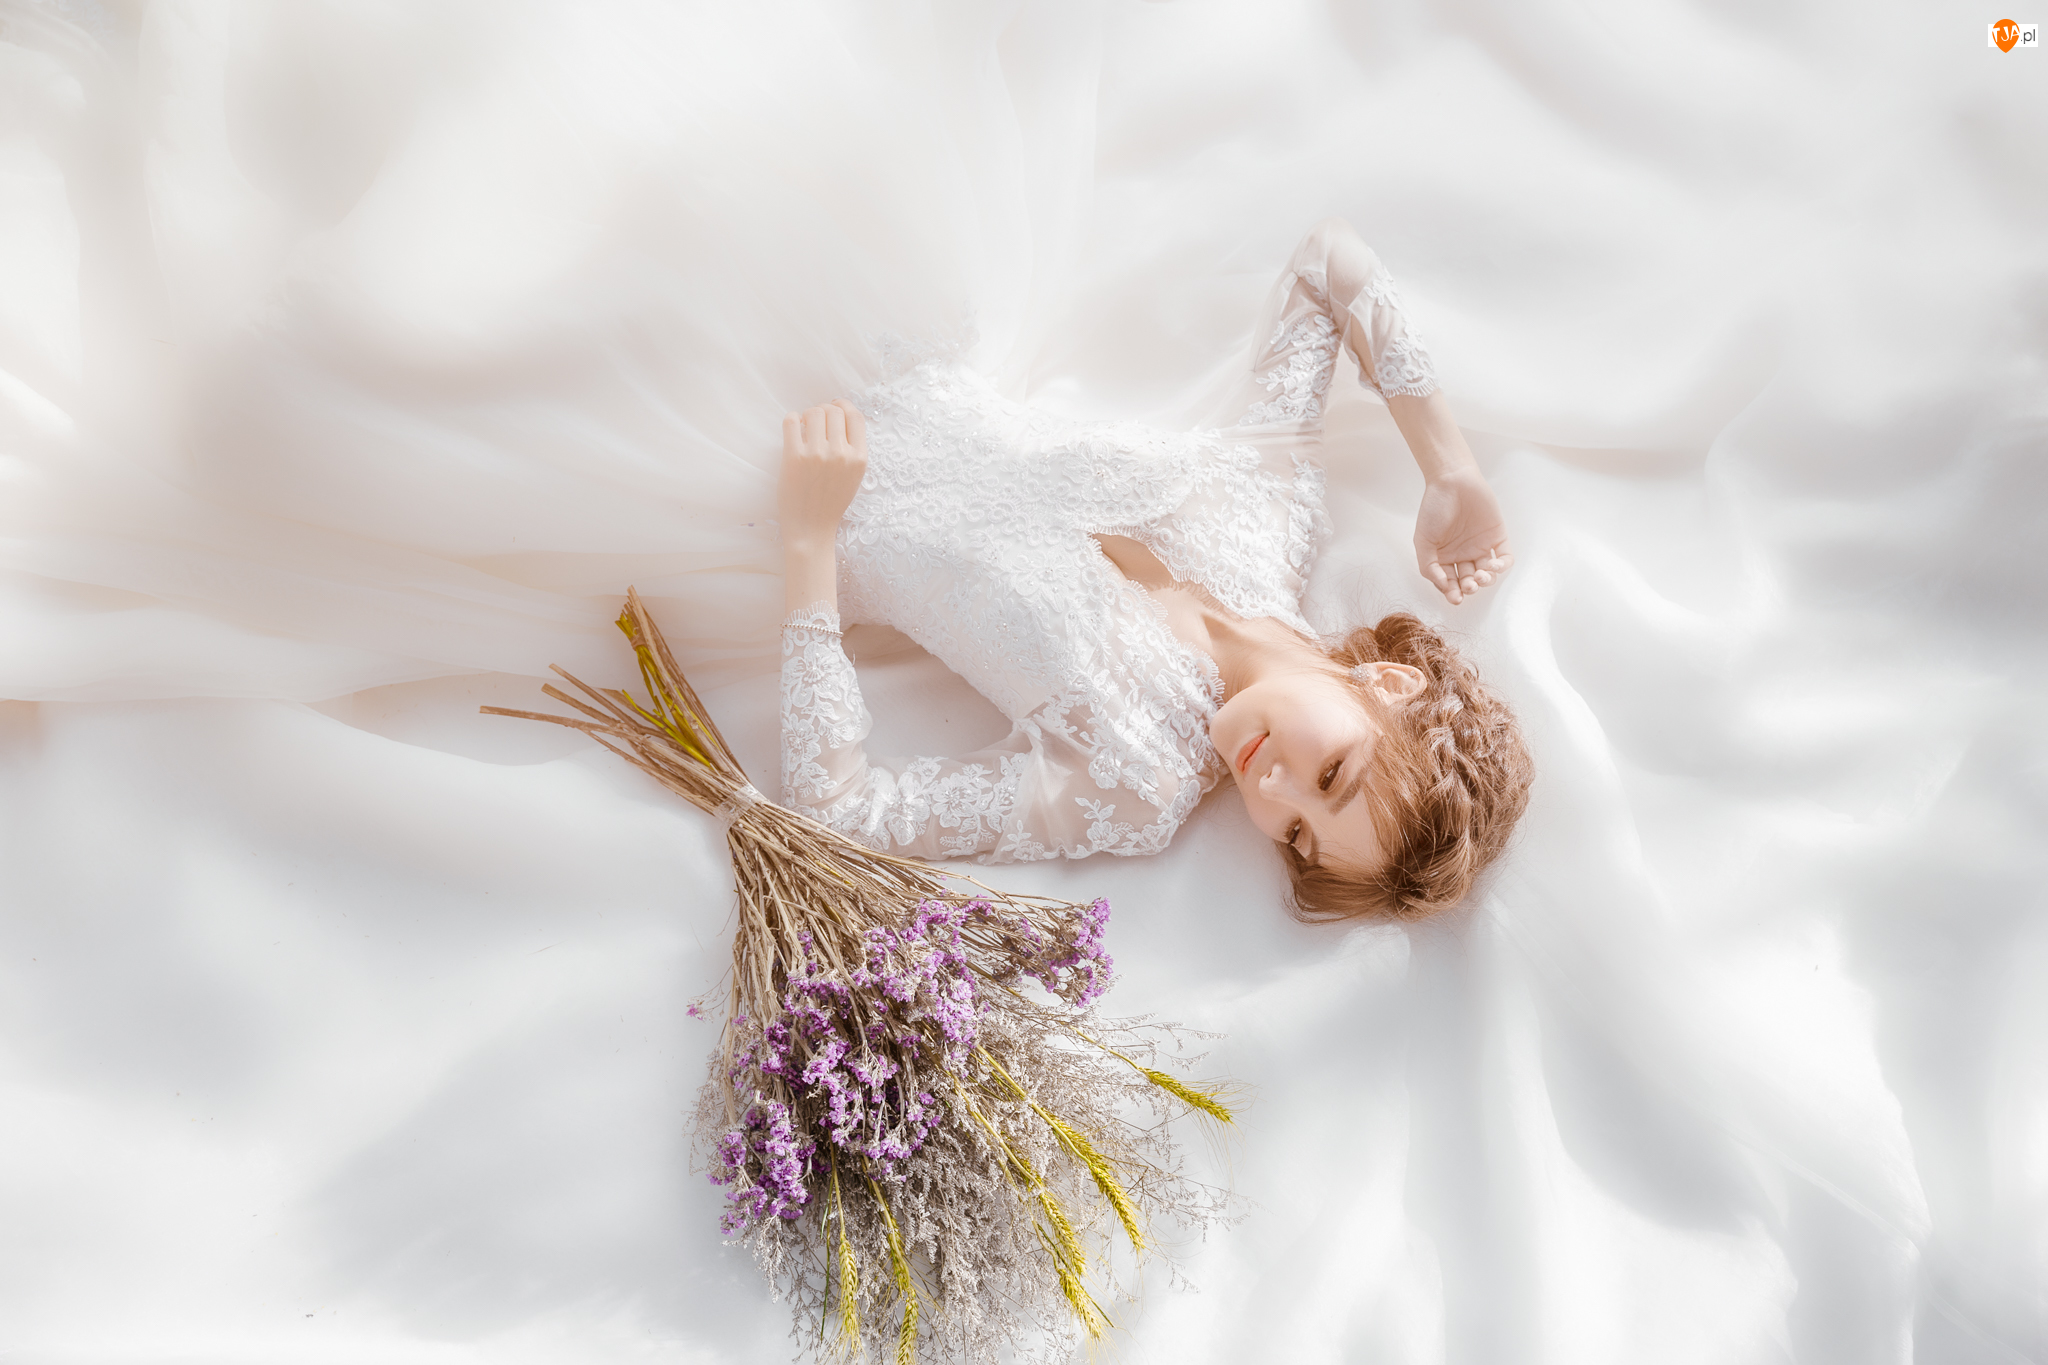 Sukienka, Kwiaty, Bukiet, Panna młoda